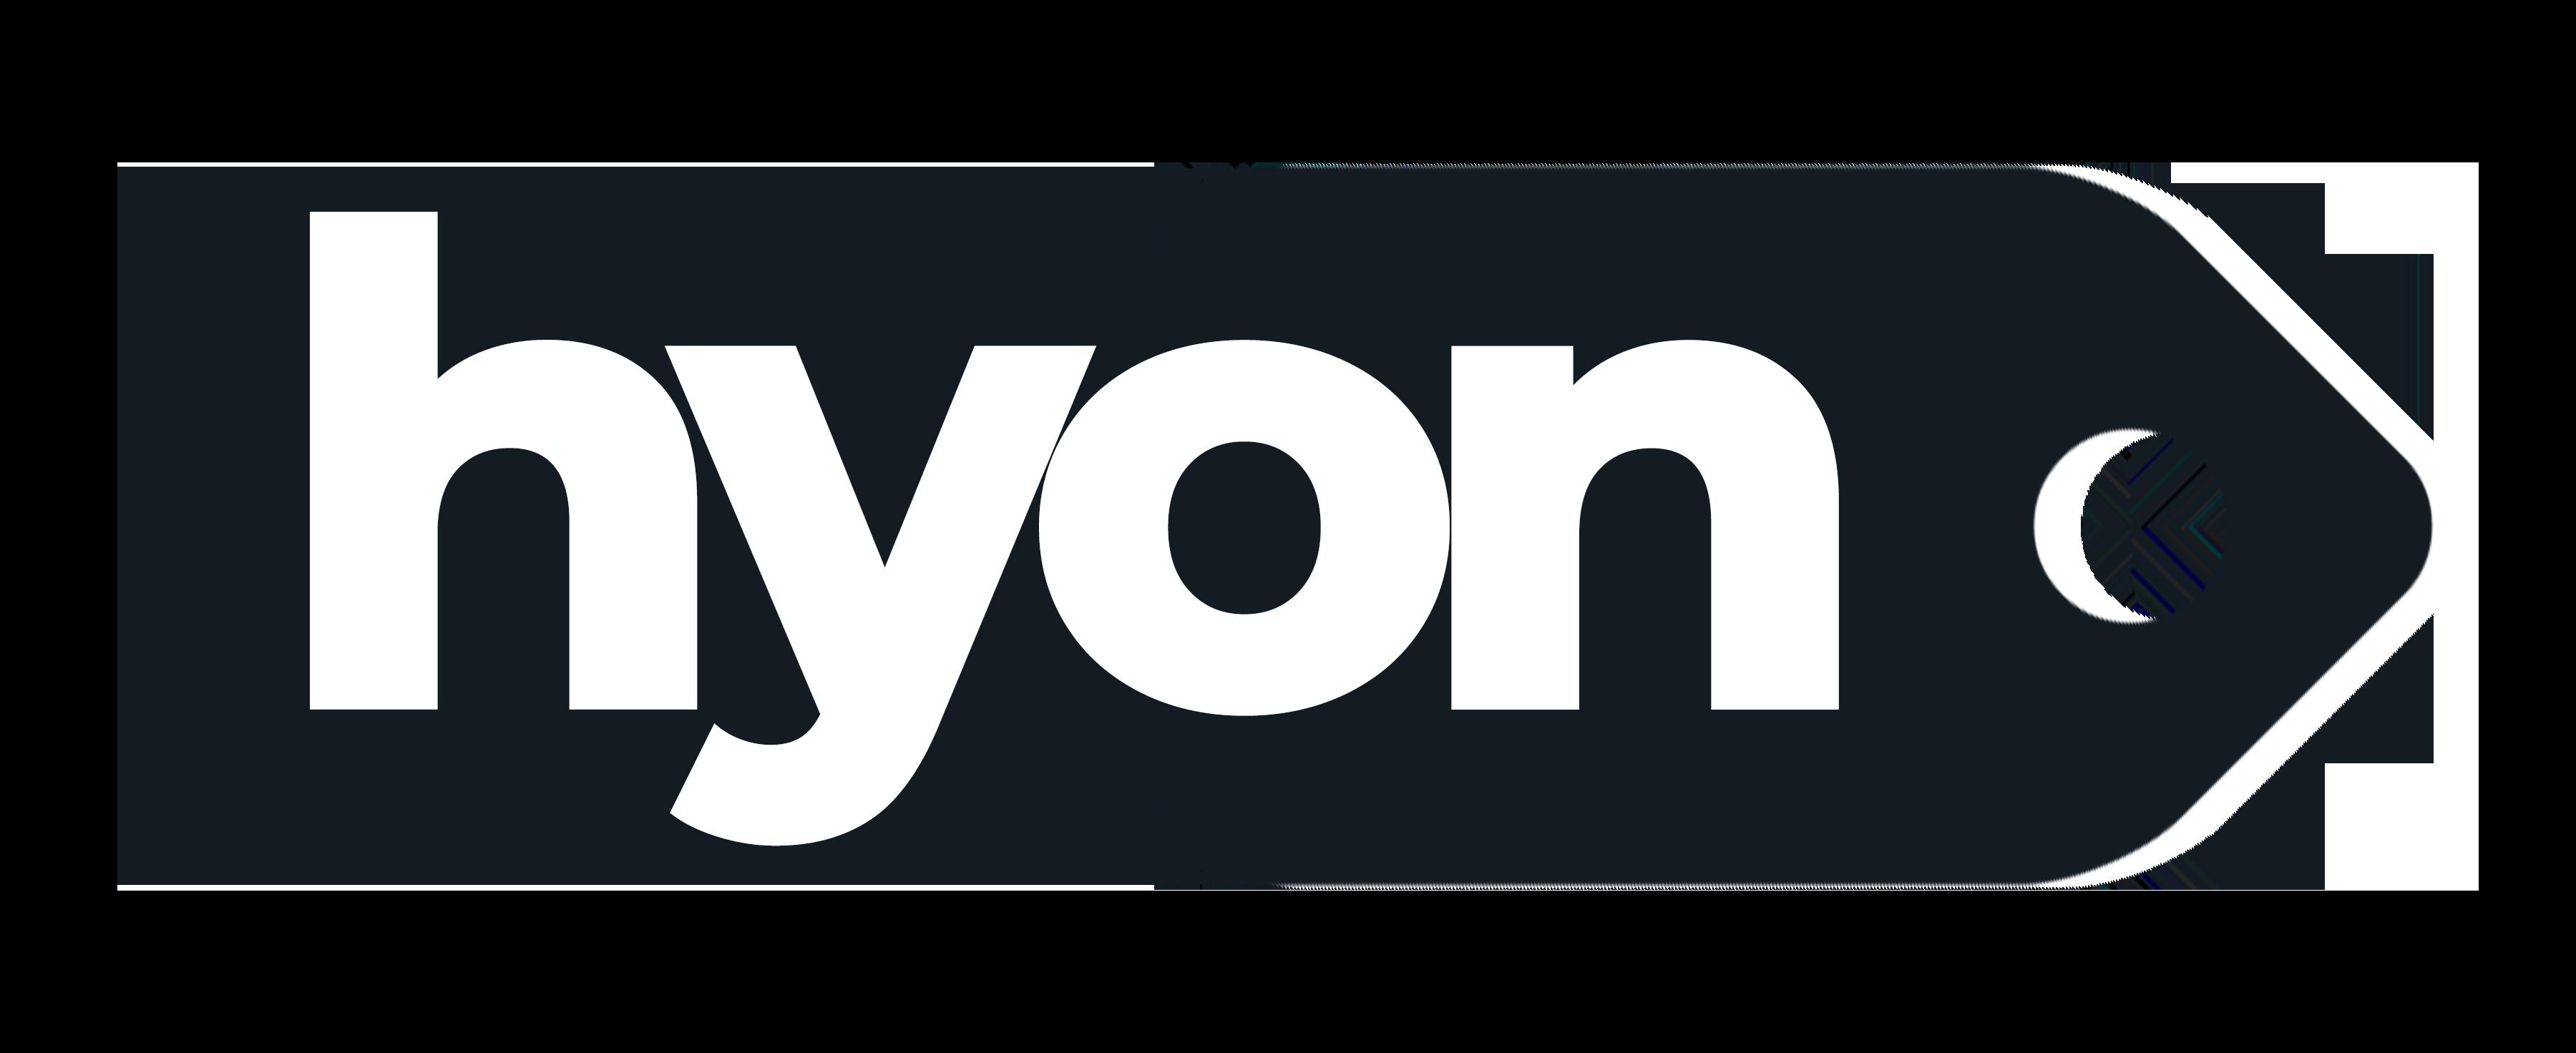 Hyon logo.